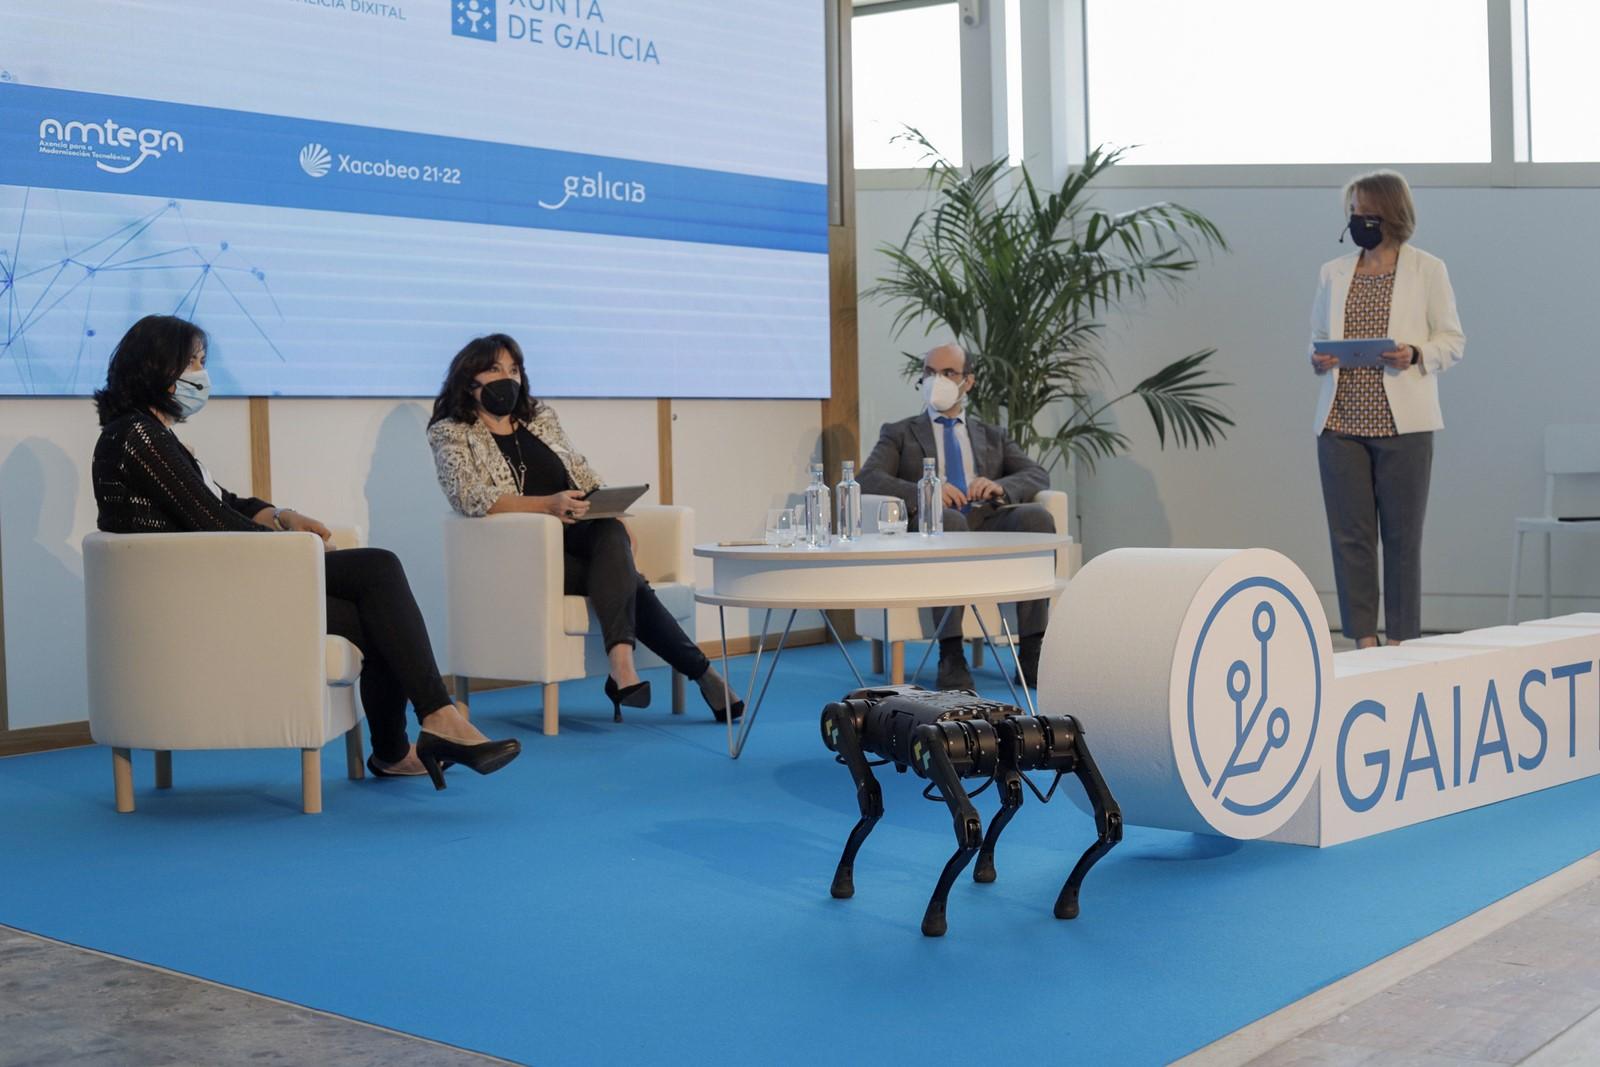 La inteligencia artificial y la colaboración público privada en la transformación digital centran la jornada de apertura del centro Gaiástech de la Xunta